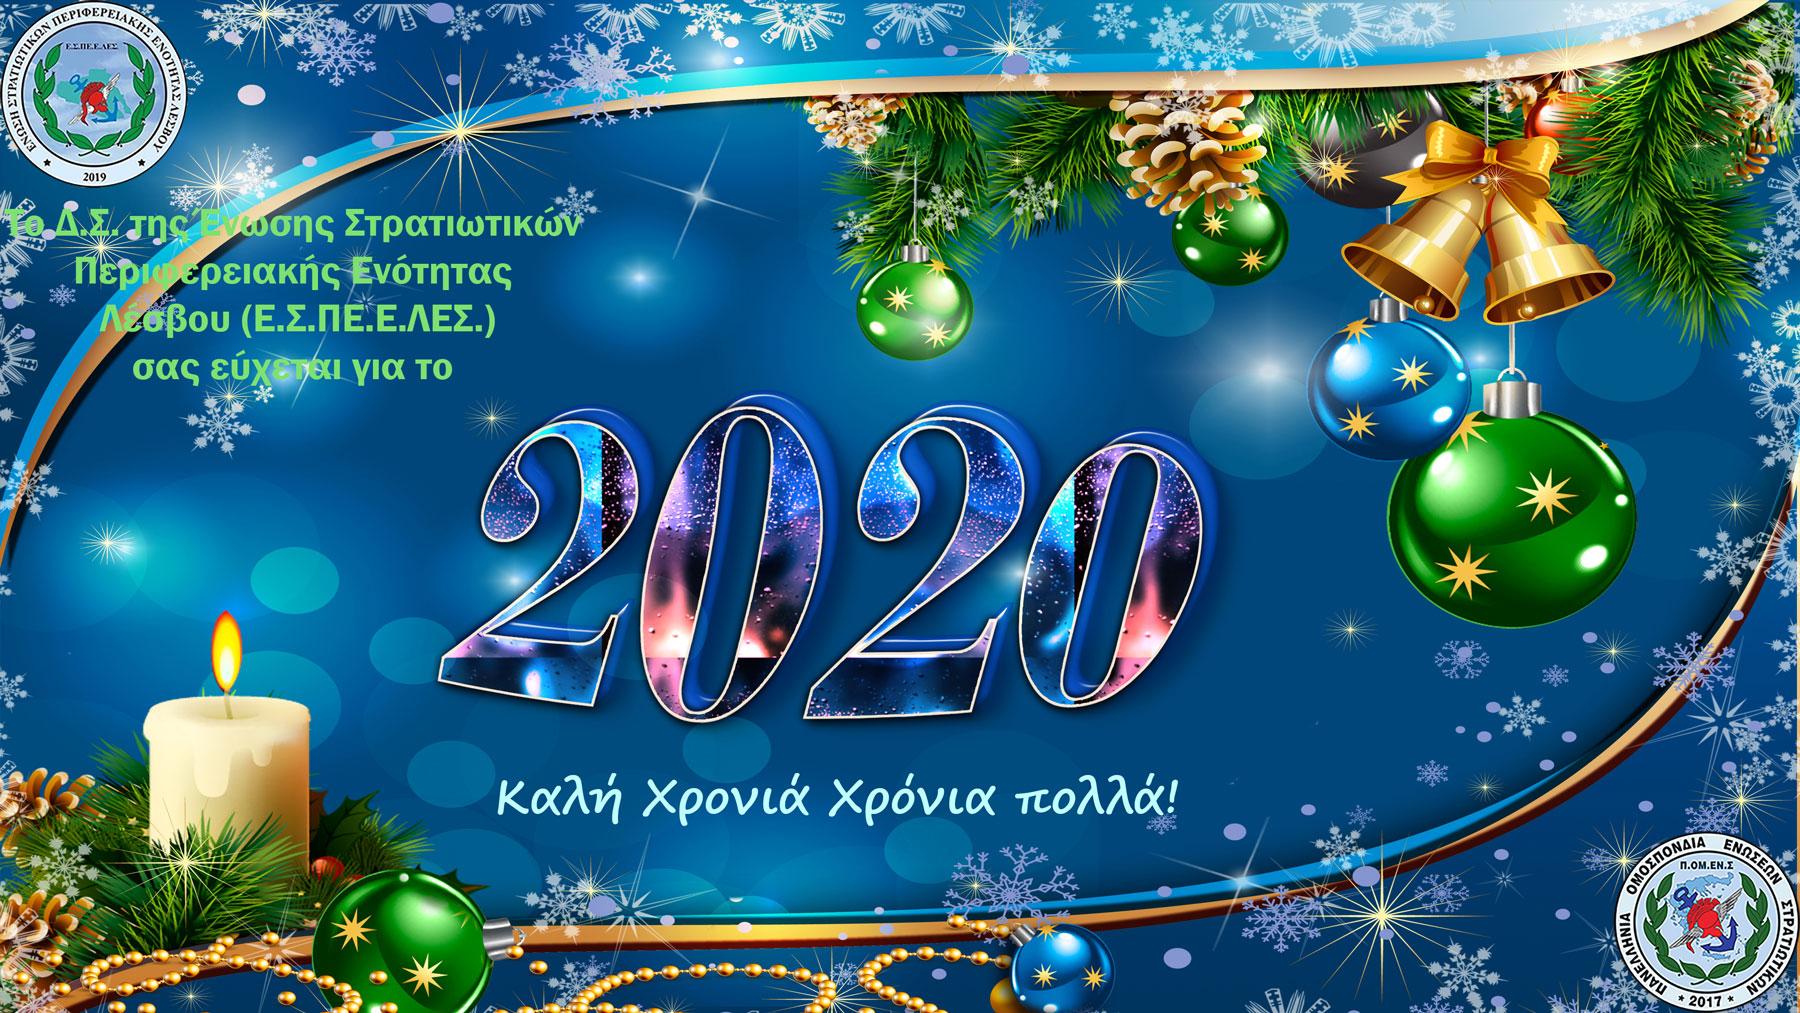 Ε.Σ.ΠΕ.Ε.ΛΕΣ: ΚΑΛΗ ΧΡΟΝΙΑ – ΕΥΤΥΧΙΣΜΕΝΟ ΚΑΙ ΑΙΣΙΟΔΟΞΟ ΤΟ 2020